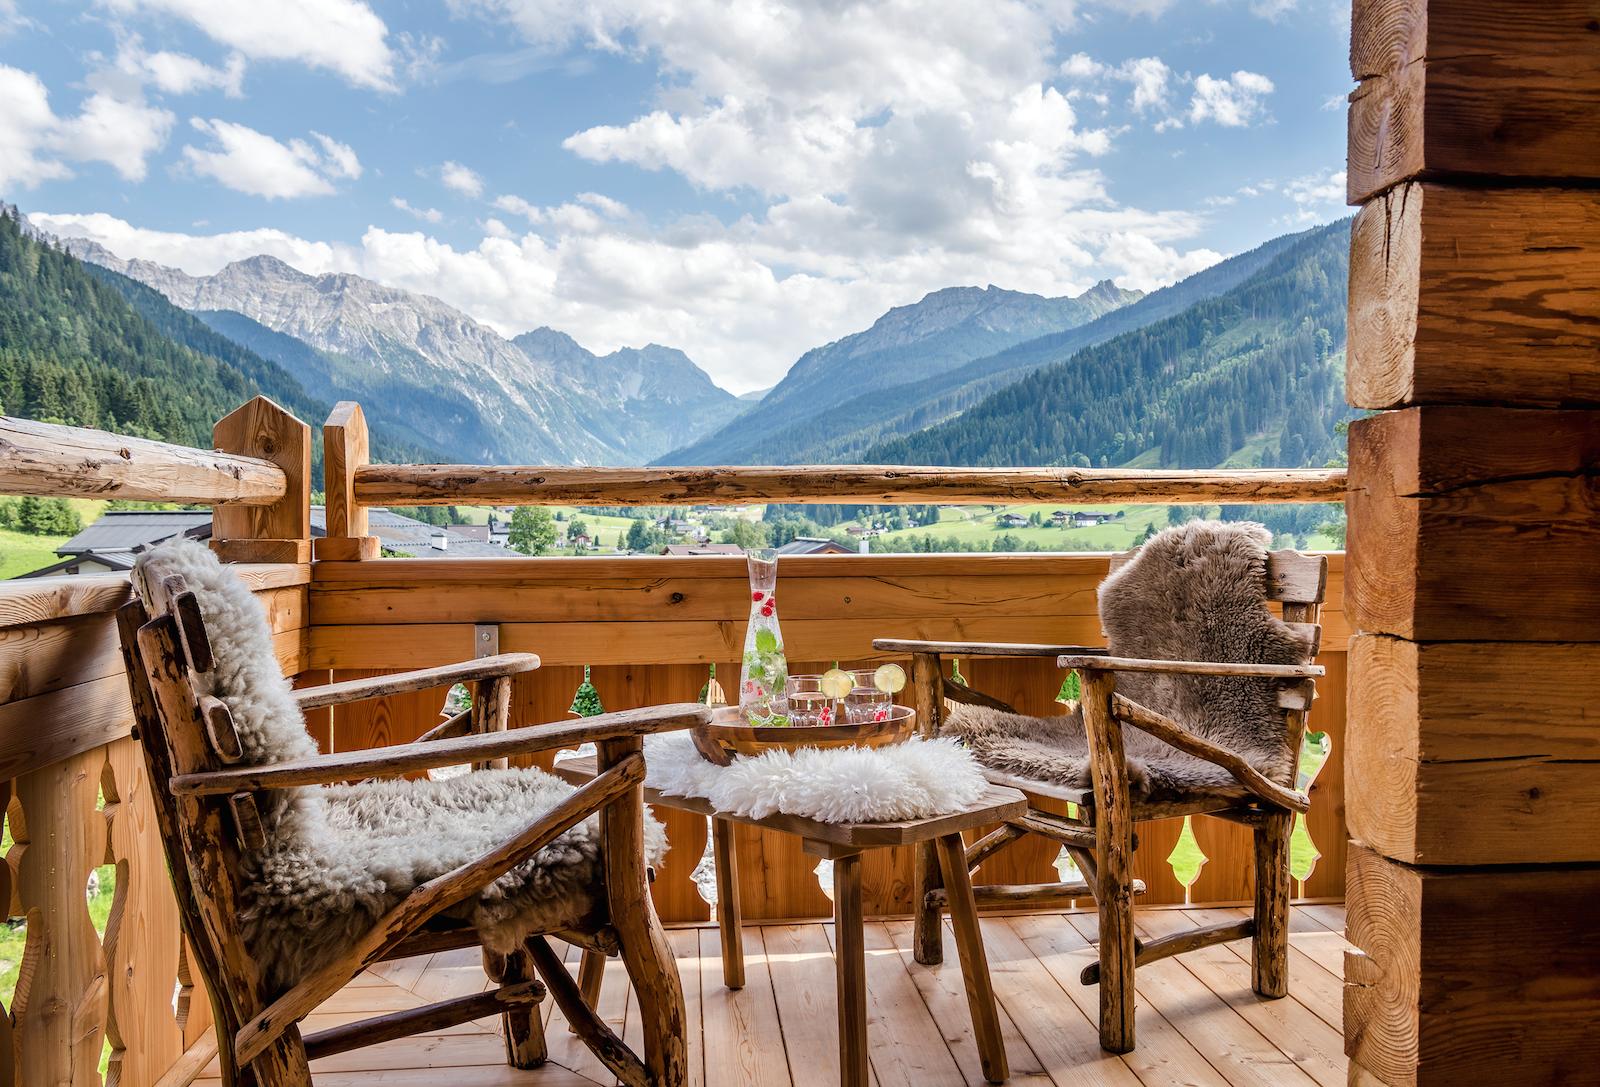 Sommerurlaub in Kleinarl - Das Kleinar Ihre Lodge in den Bergen